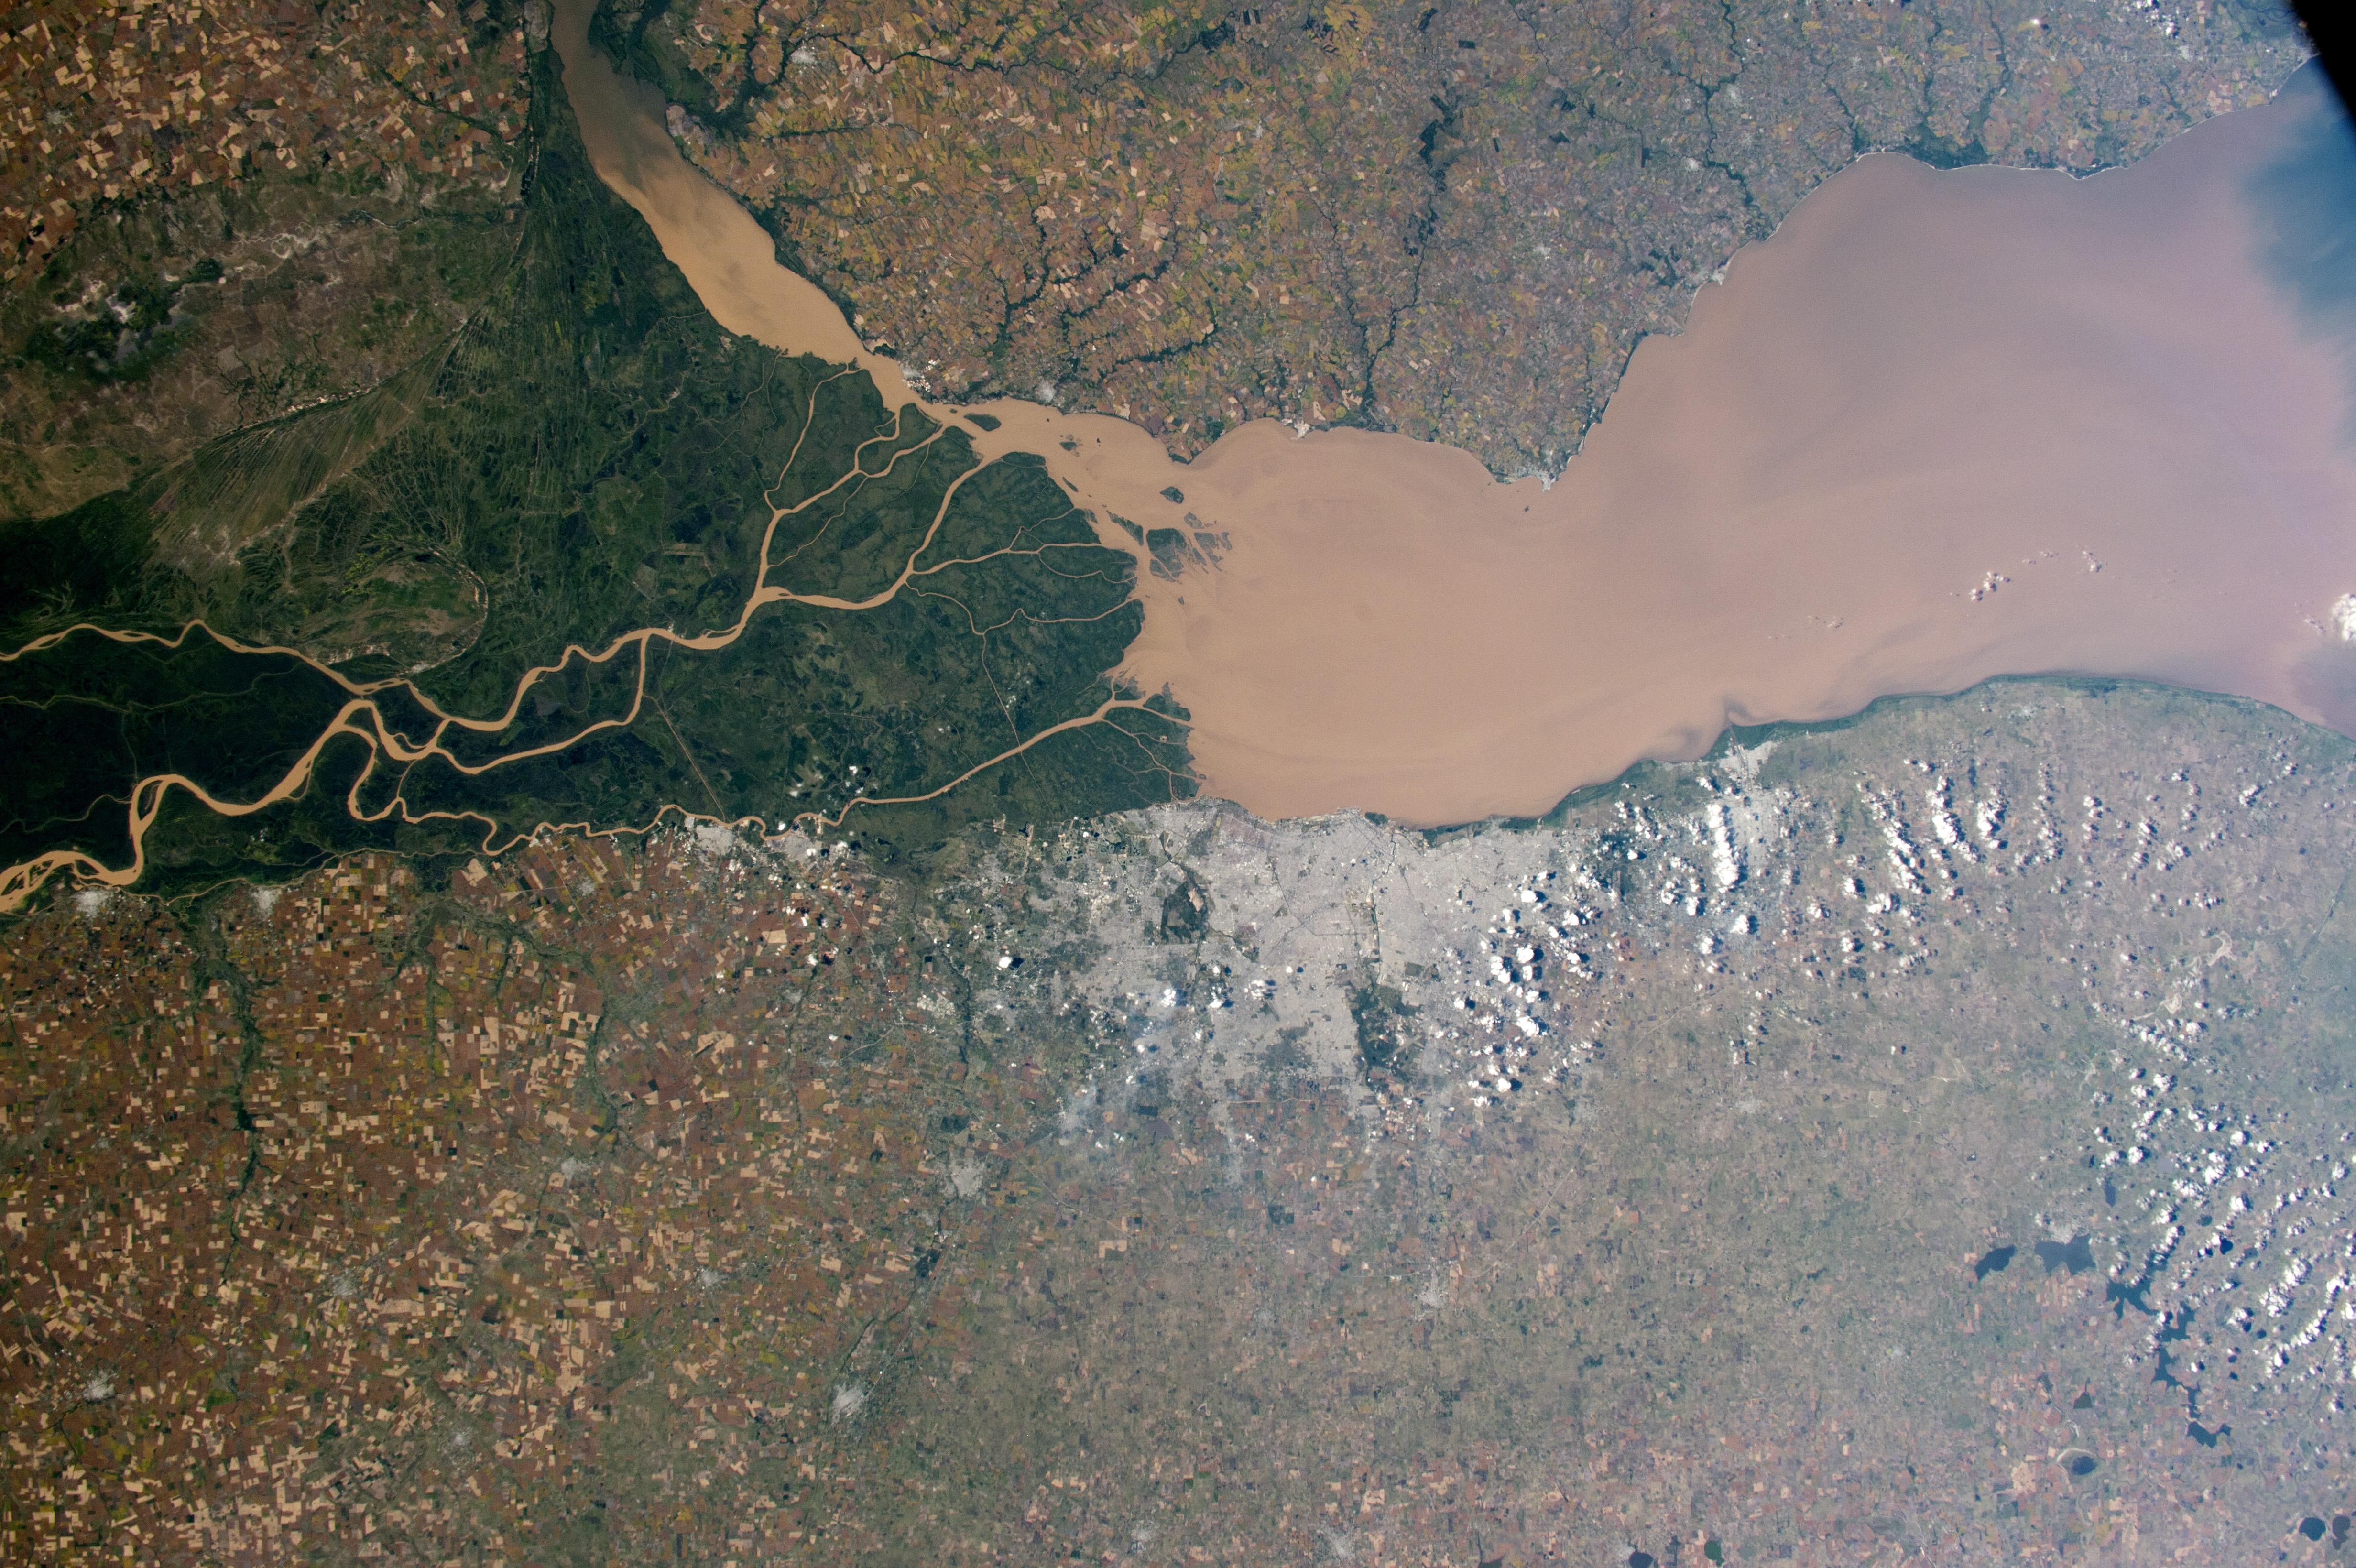 Delta y los pantanos verdes del río Paraná en la costa atlántica de Argentina